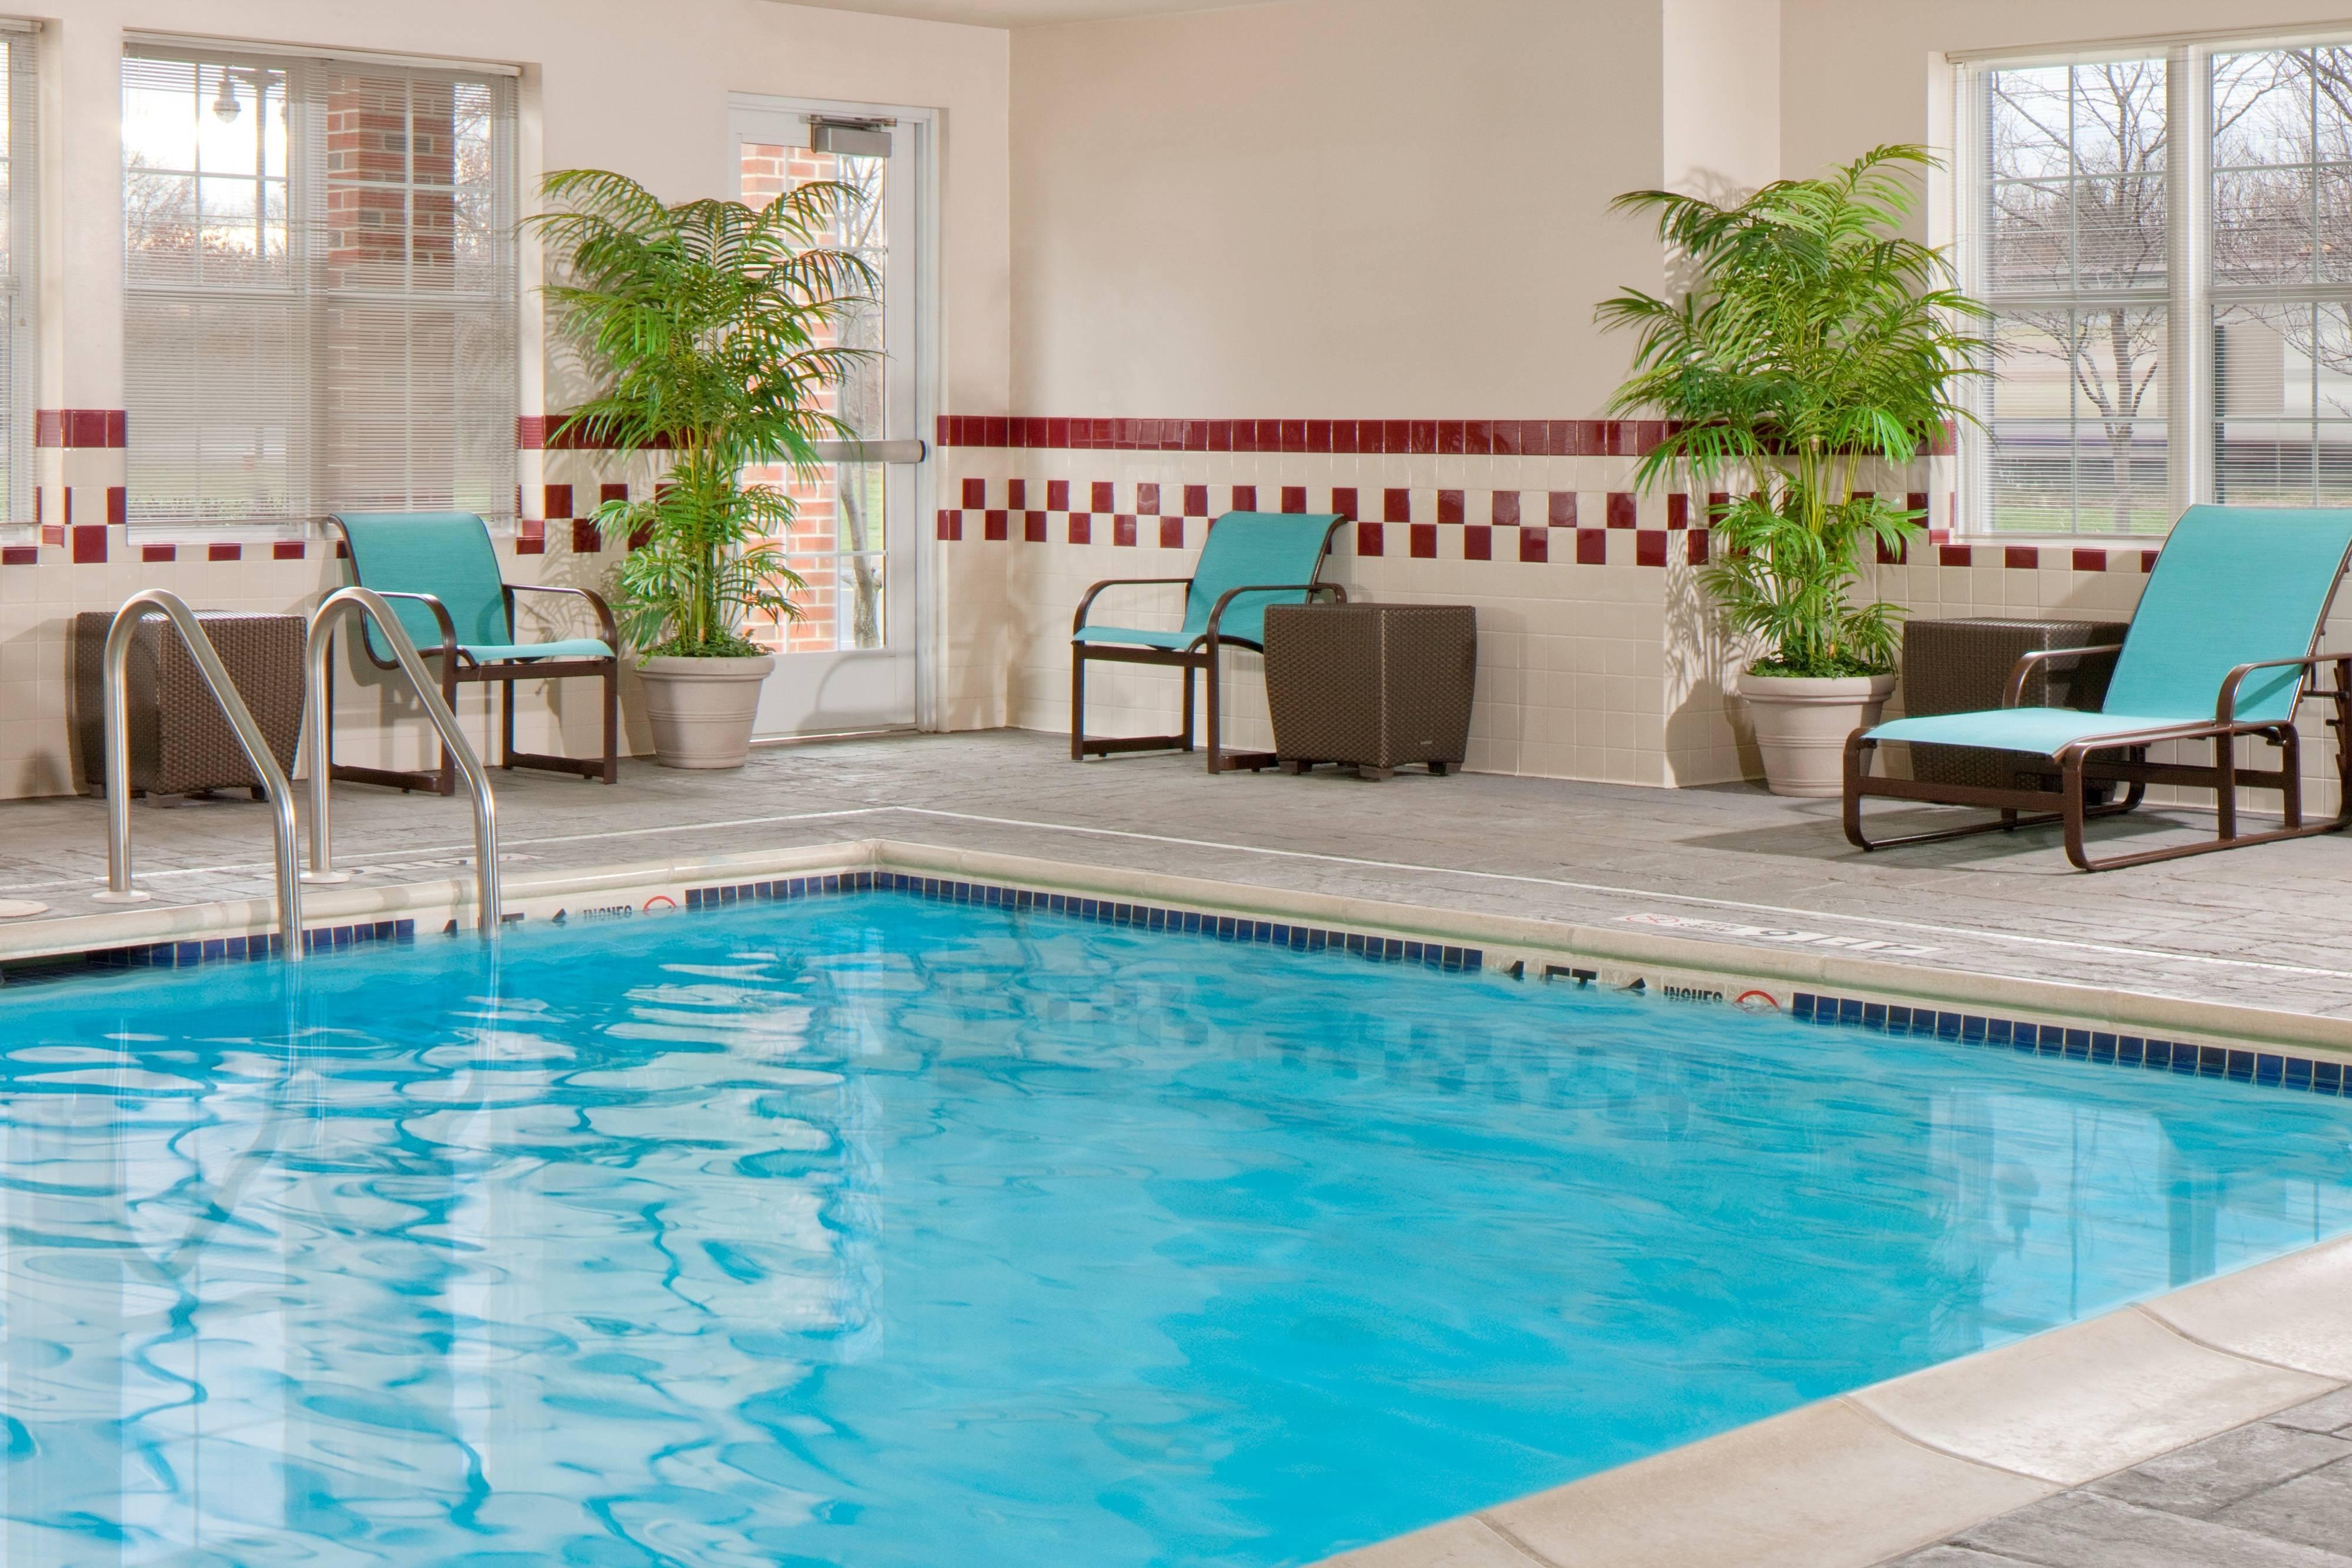 Hotel Suites Pool Cranbury NJ